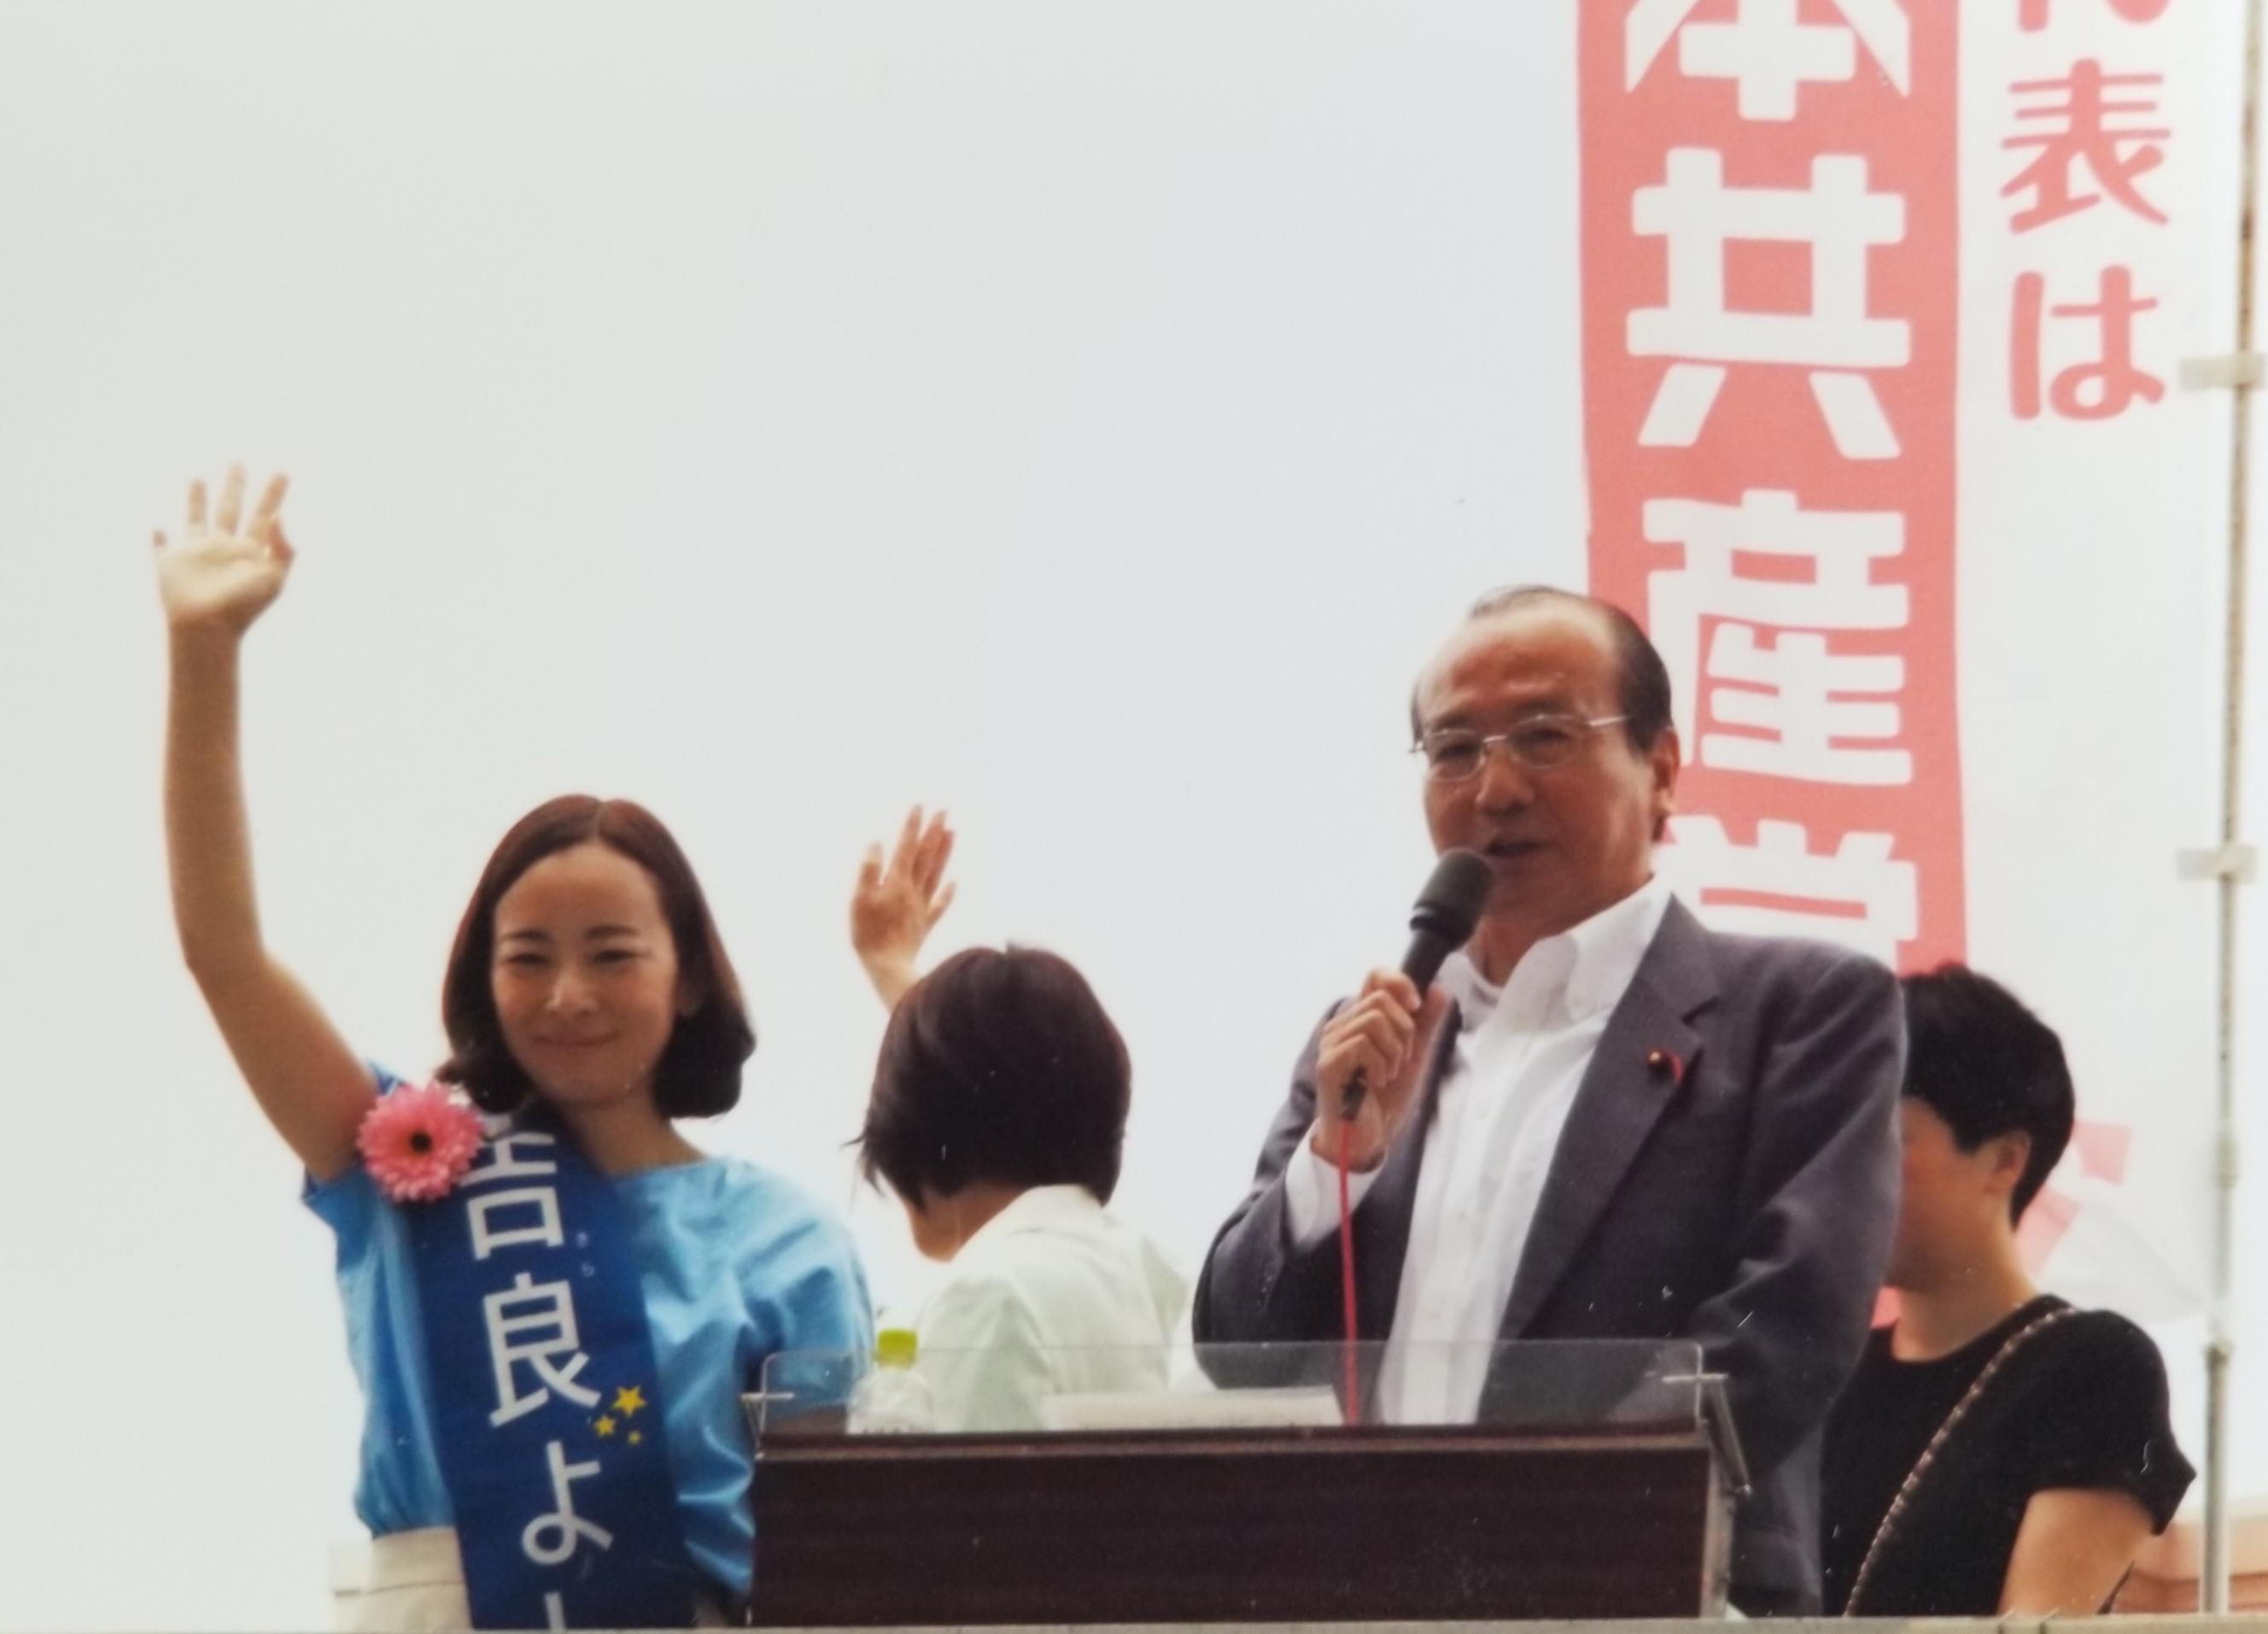 参院選。平和憲法をまもり生かす一票を日本共産党へ!